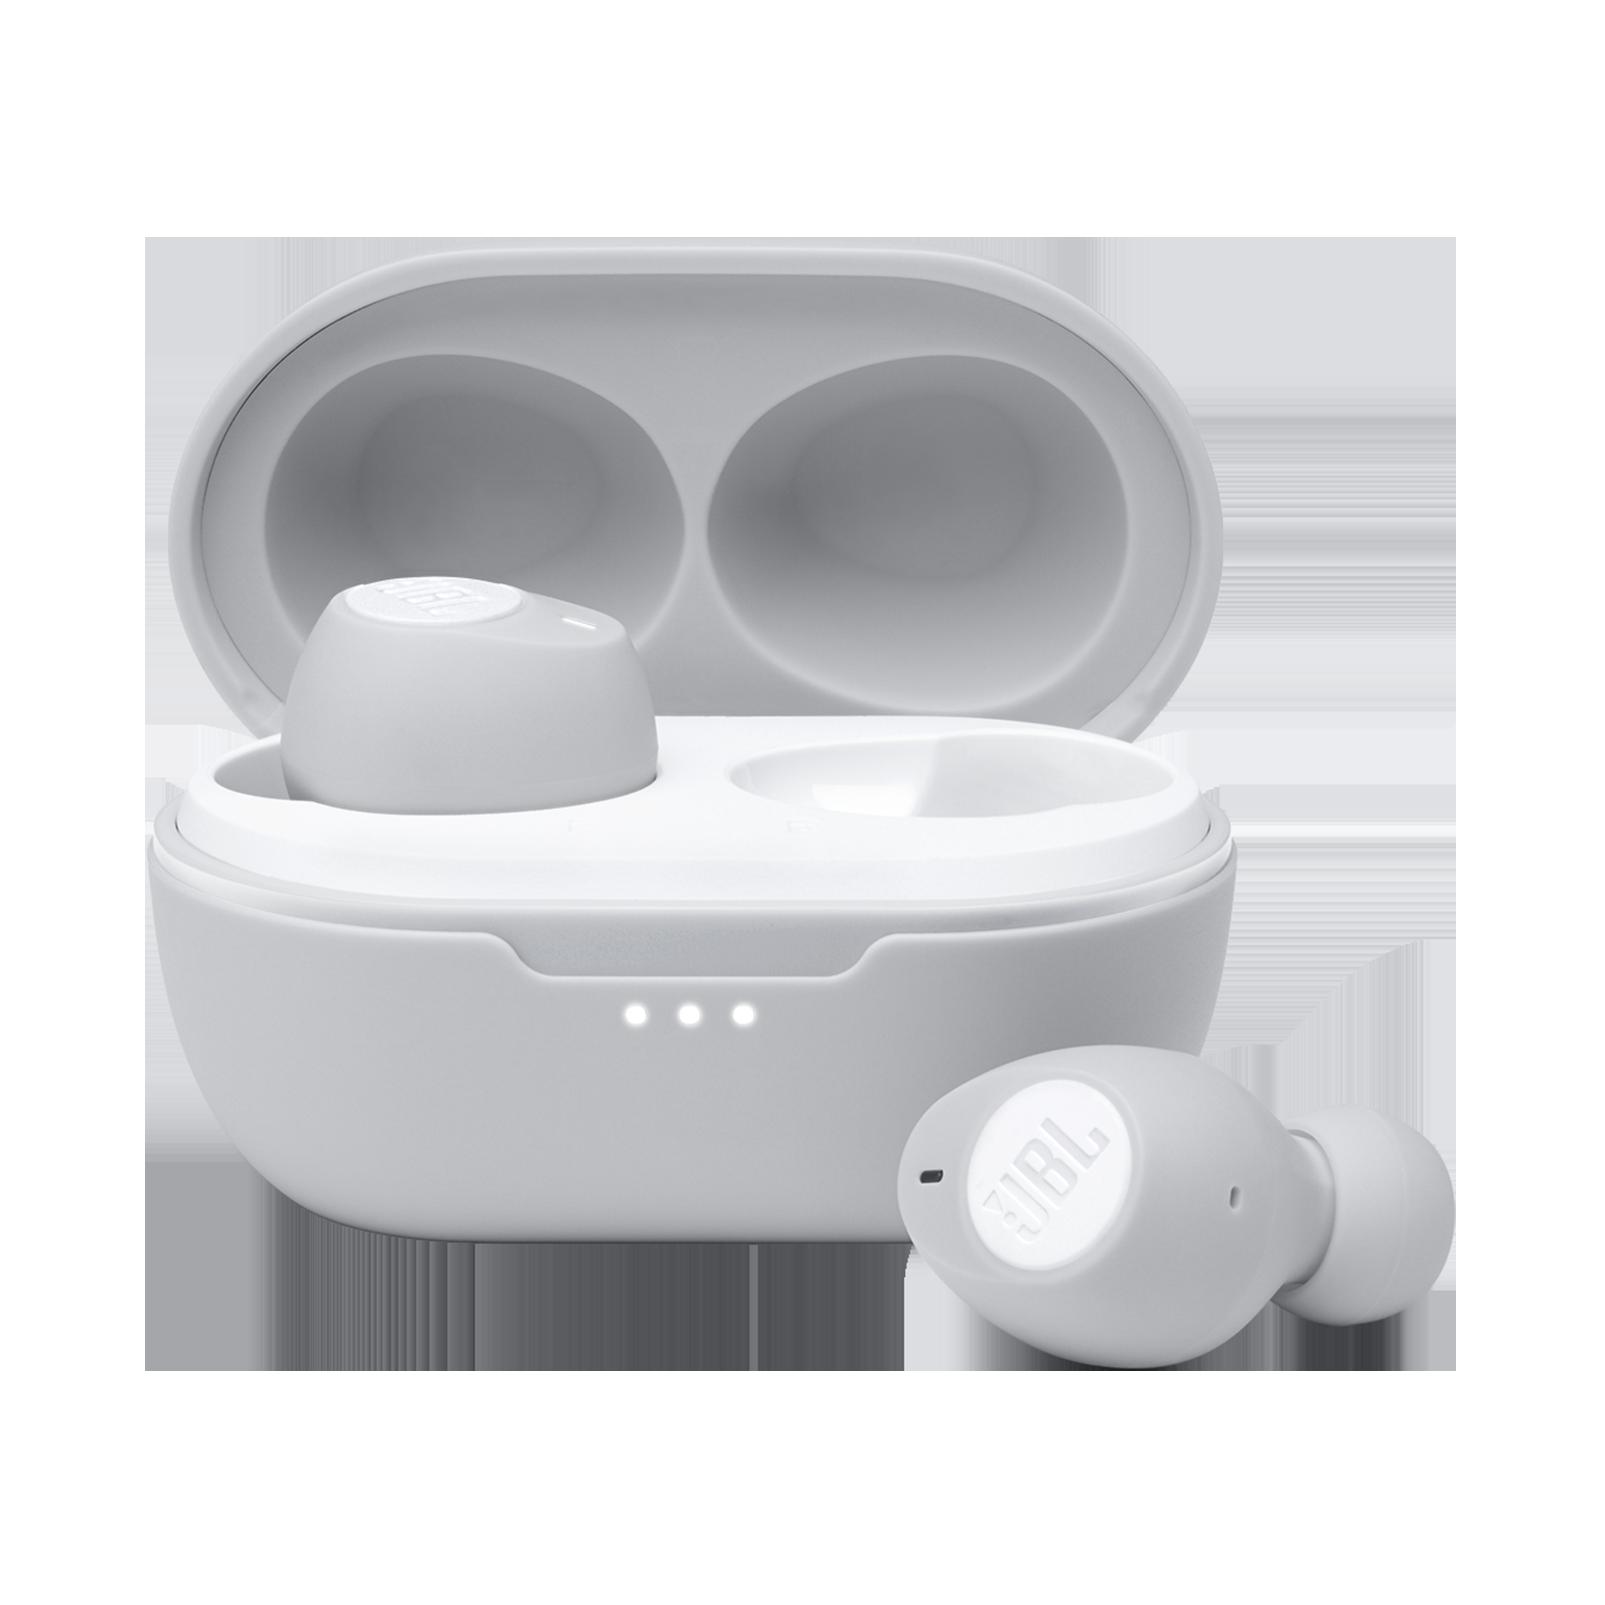 JBL Tune 115TWS - White - True wireless earbuds - Hero